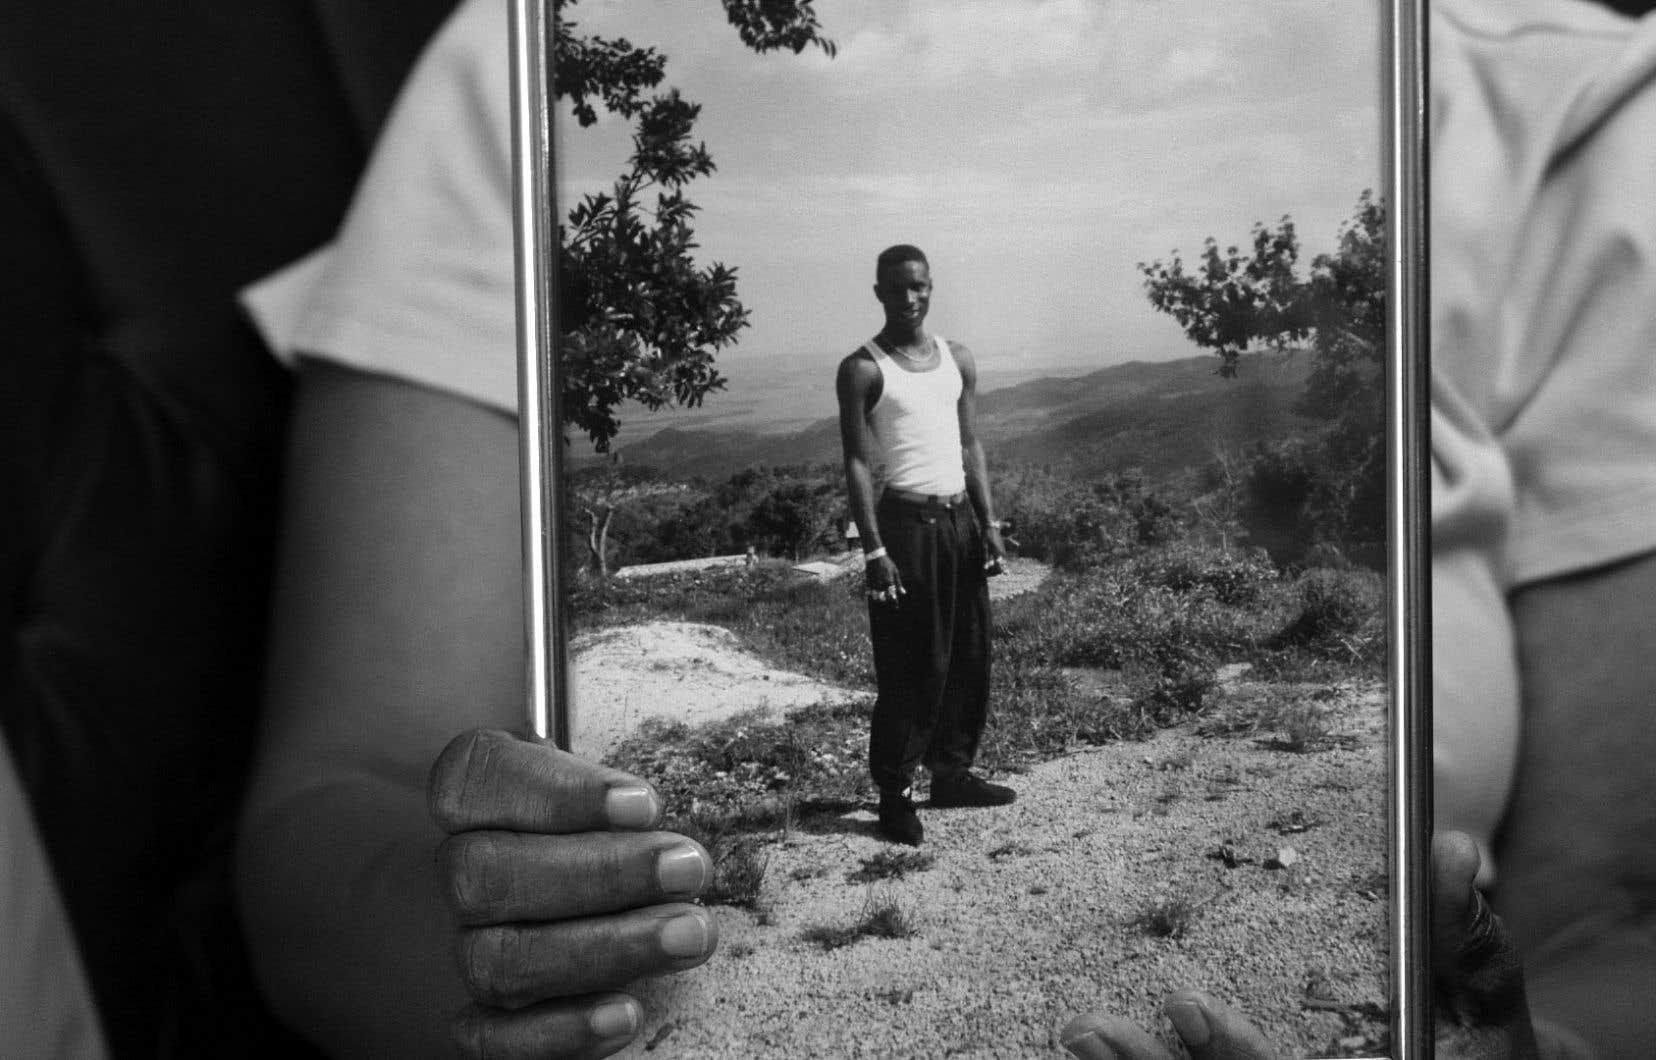 Partiellement tourné en noir et blanc, «Des armes et nous» propose un collage d'entrevues, d'introspections et d'effets spéciaux.